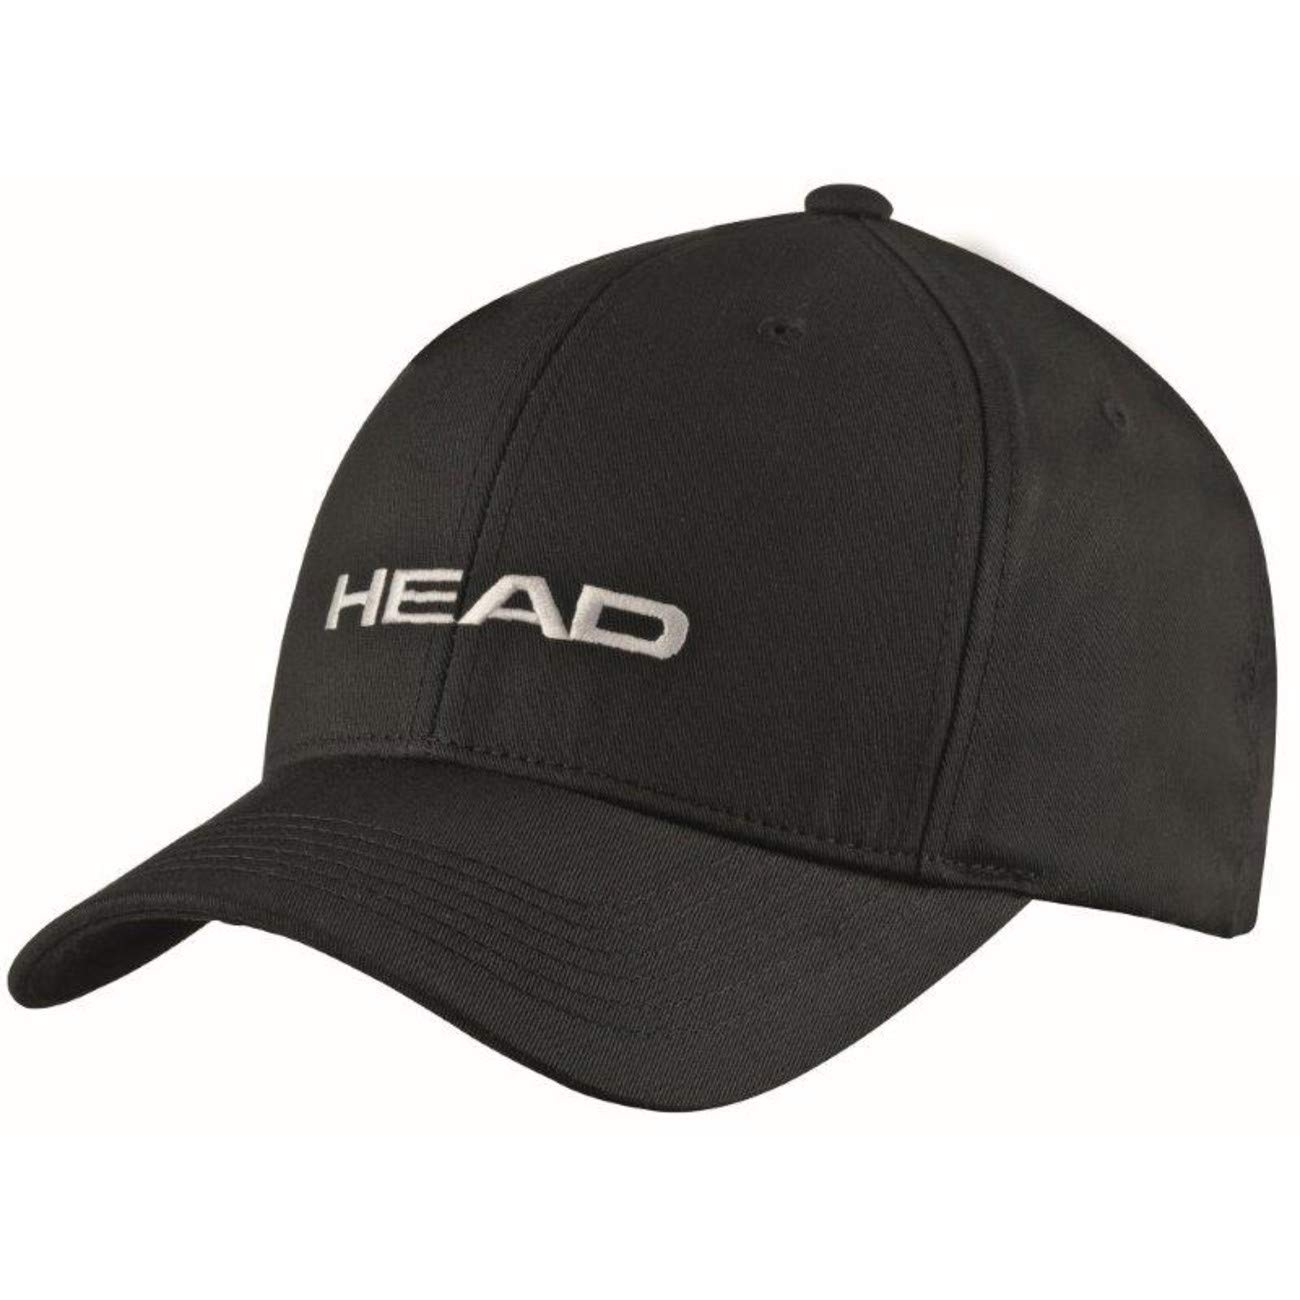 Head Promotion Cap Gorra, Negro, Talla única: Amazon.es: Deportes ...